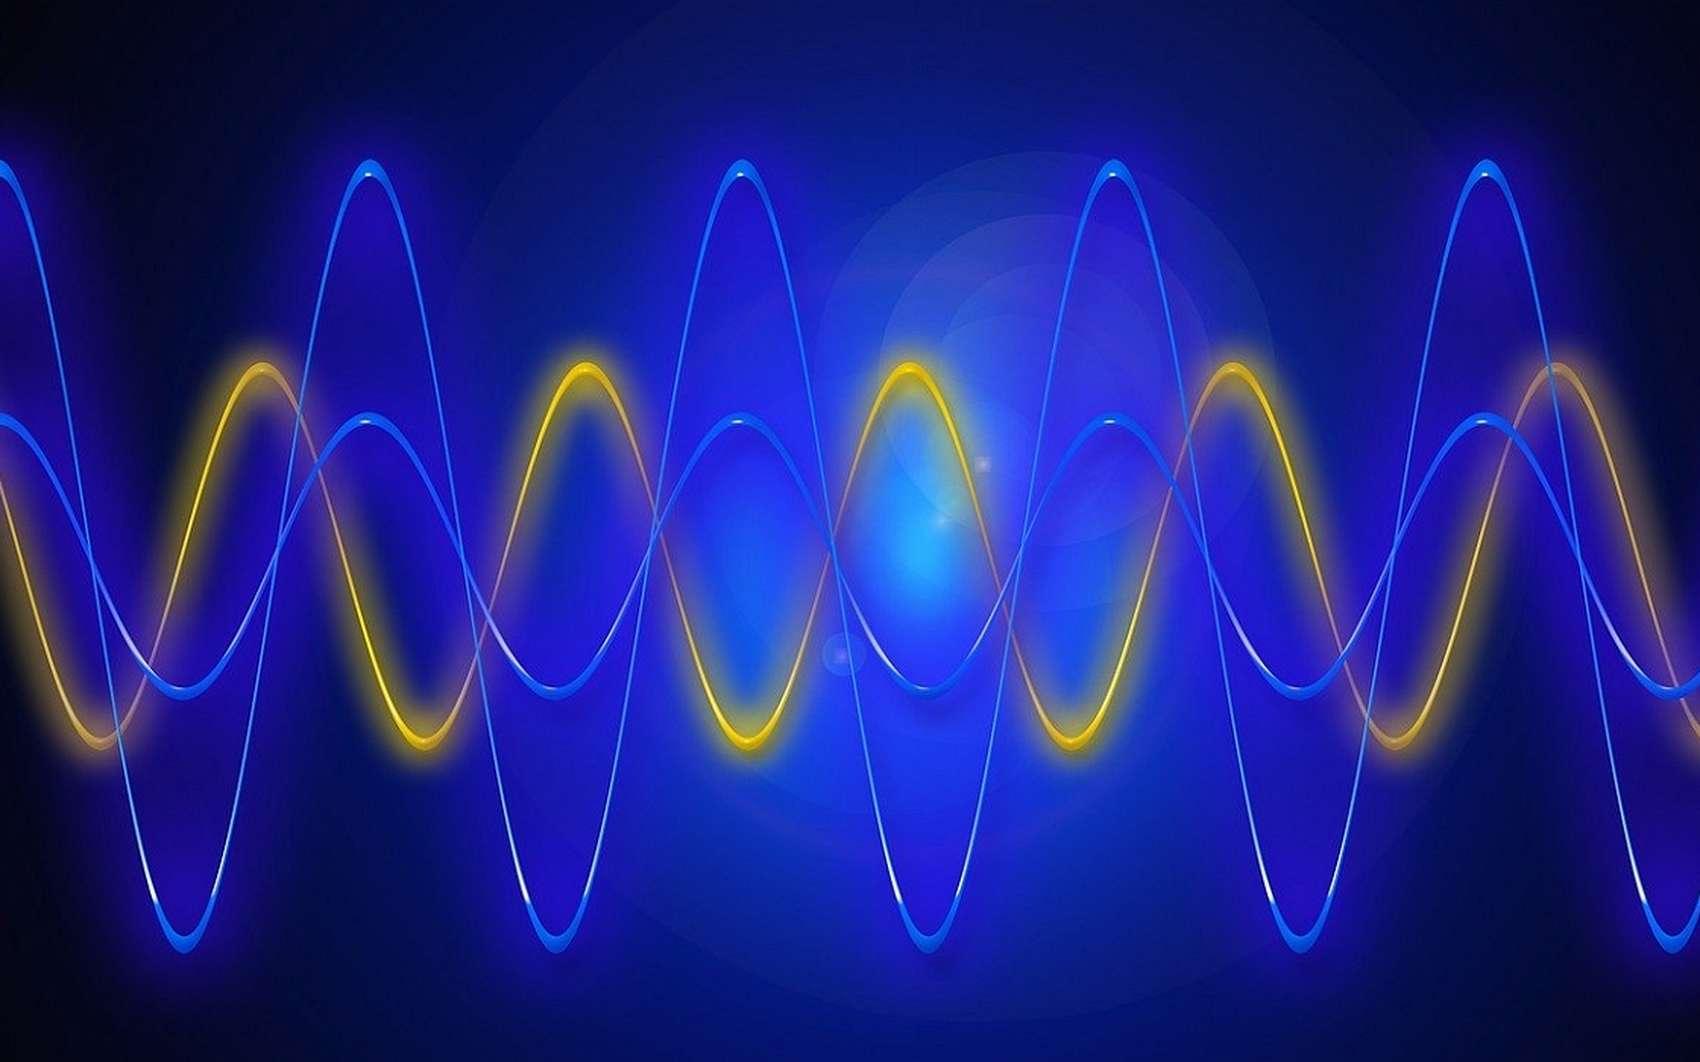 L'interférométrie est la science et la technique de superposition de deux ou plusieurs ondes. © geralt, Pixabay